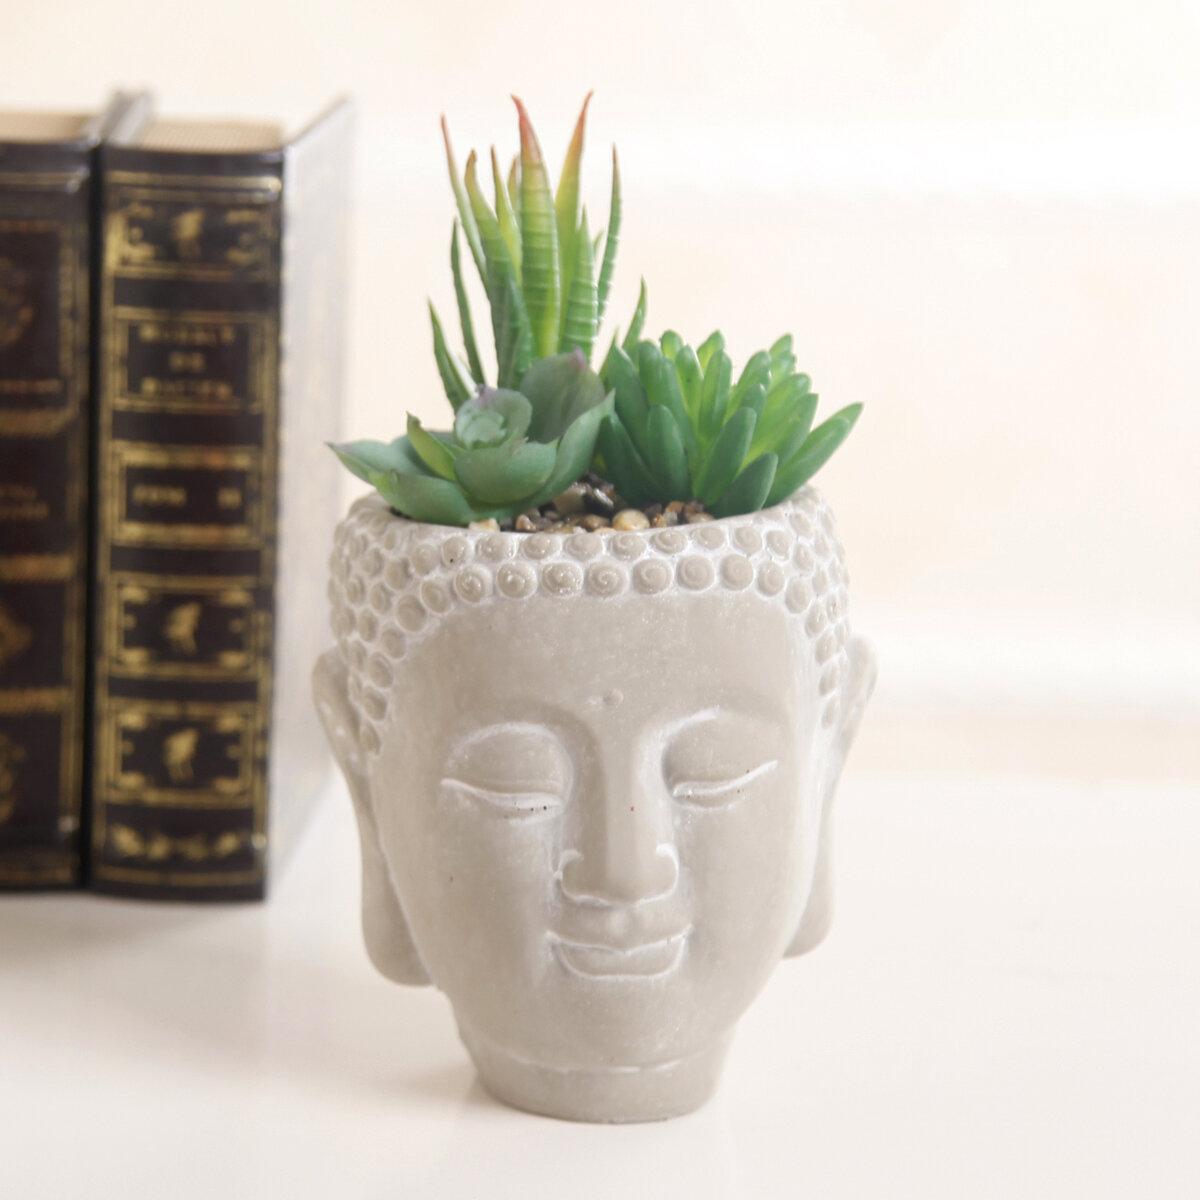 World Menagerie Mix Desktop Succulent In Cement Budda Pot Reviews Wayfair